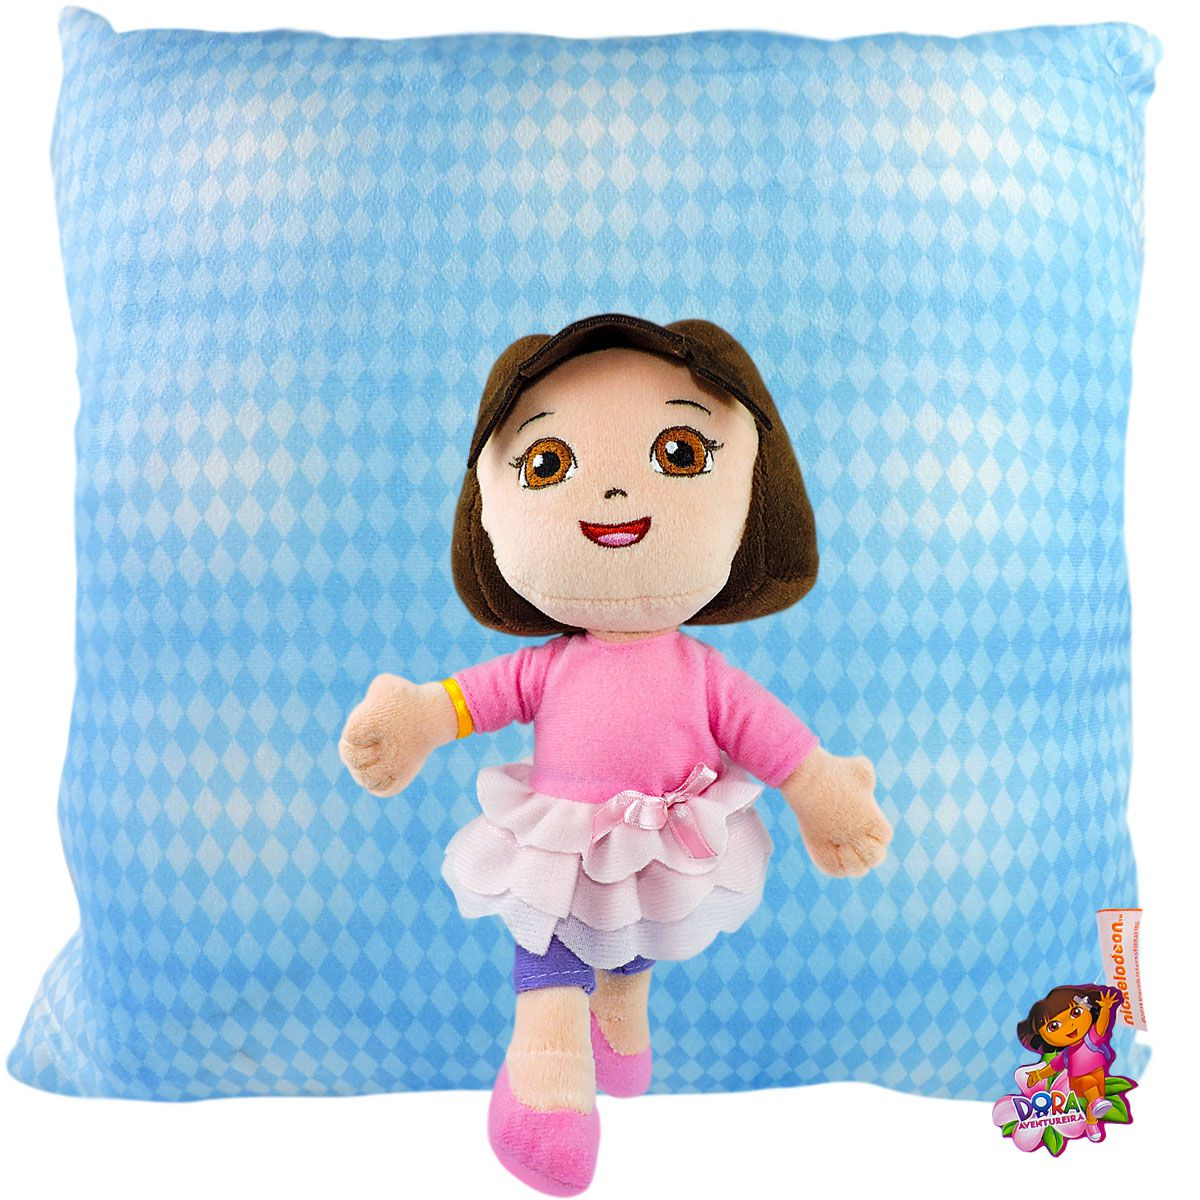 Boneca De Pelúcia E Almofada Infantil Dora Bailarina